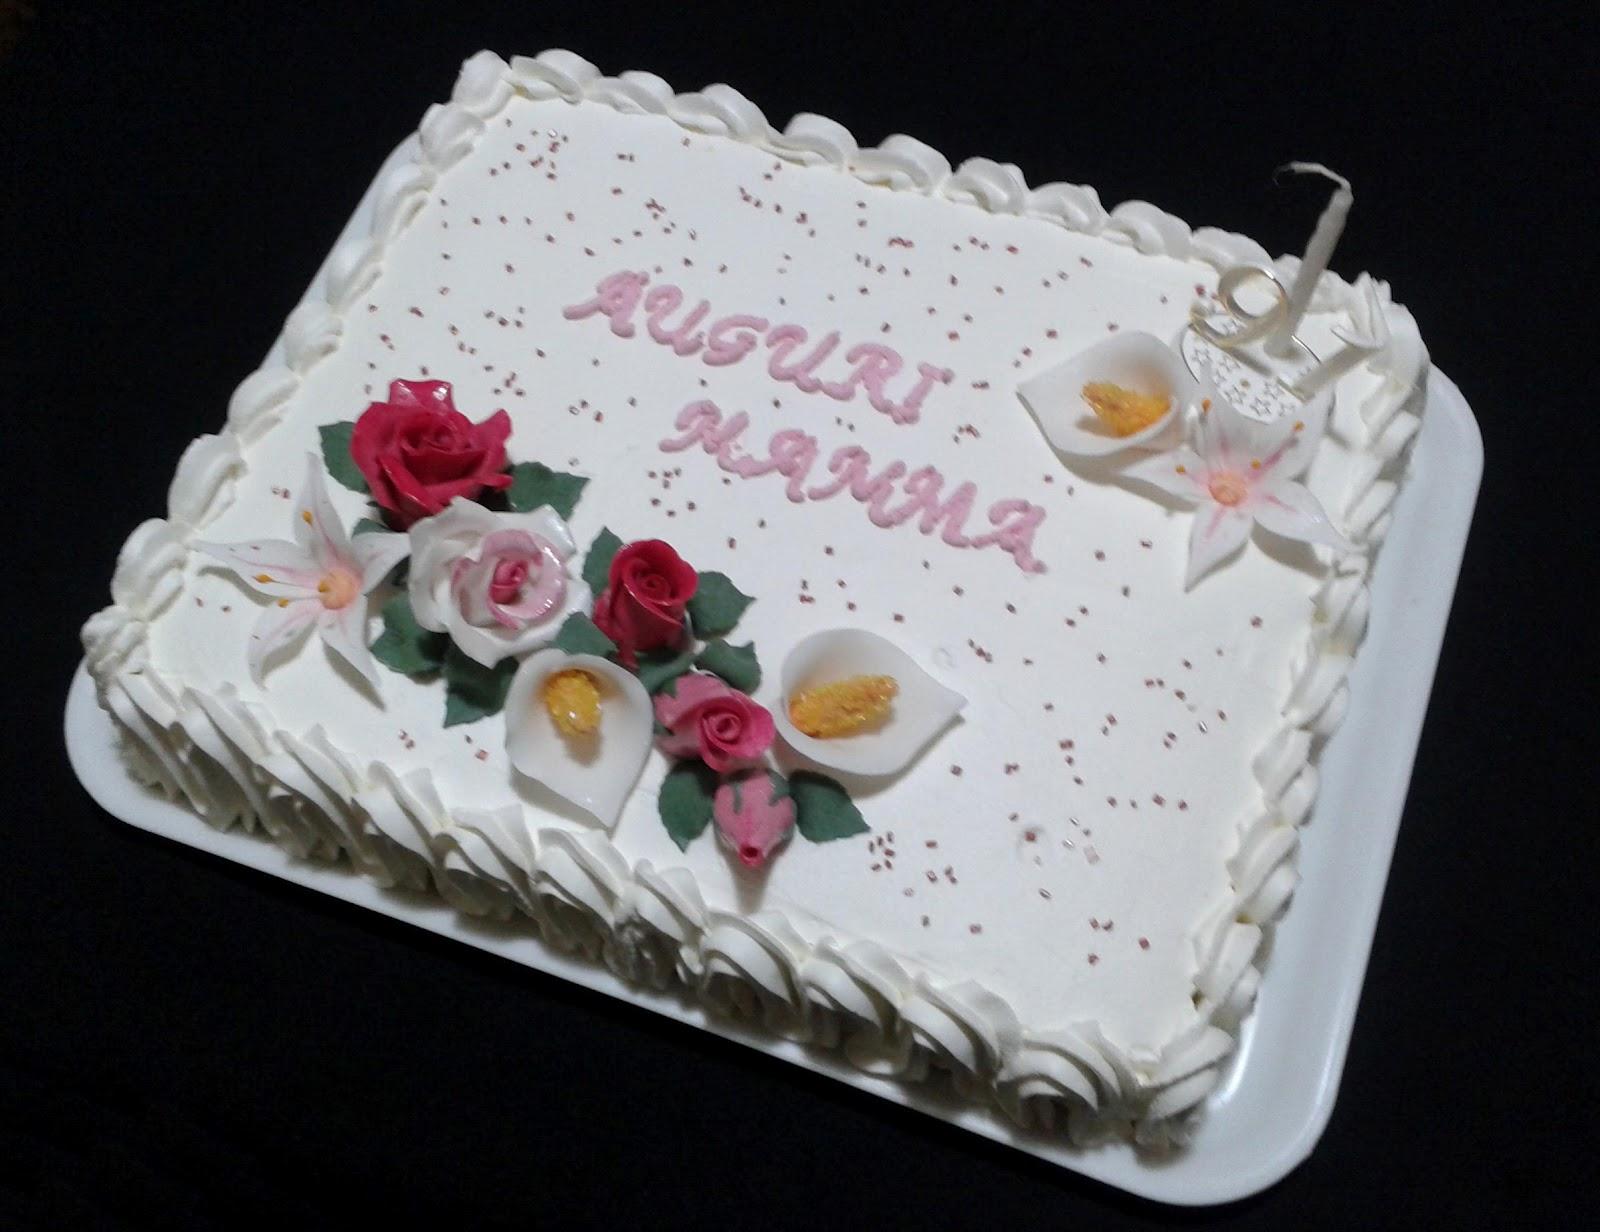 Alessandra E I Suoi Dolci Torta Panna E Fiori